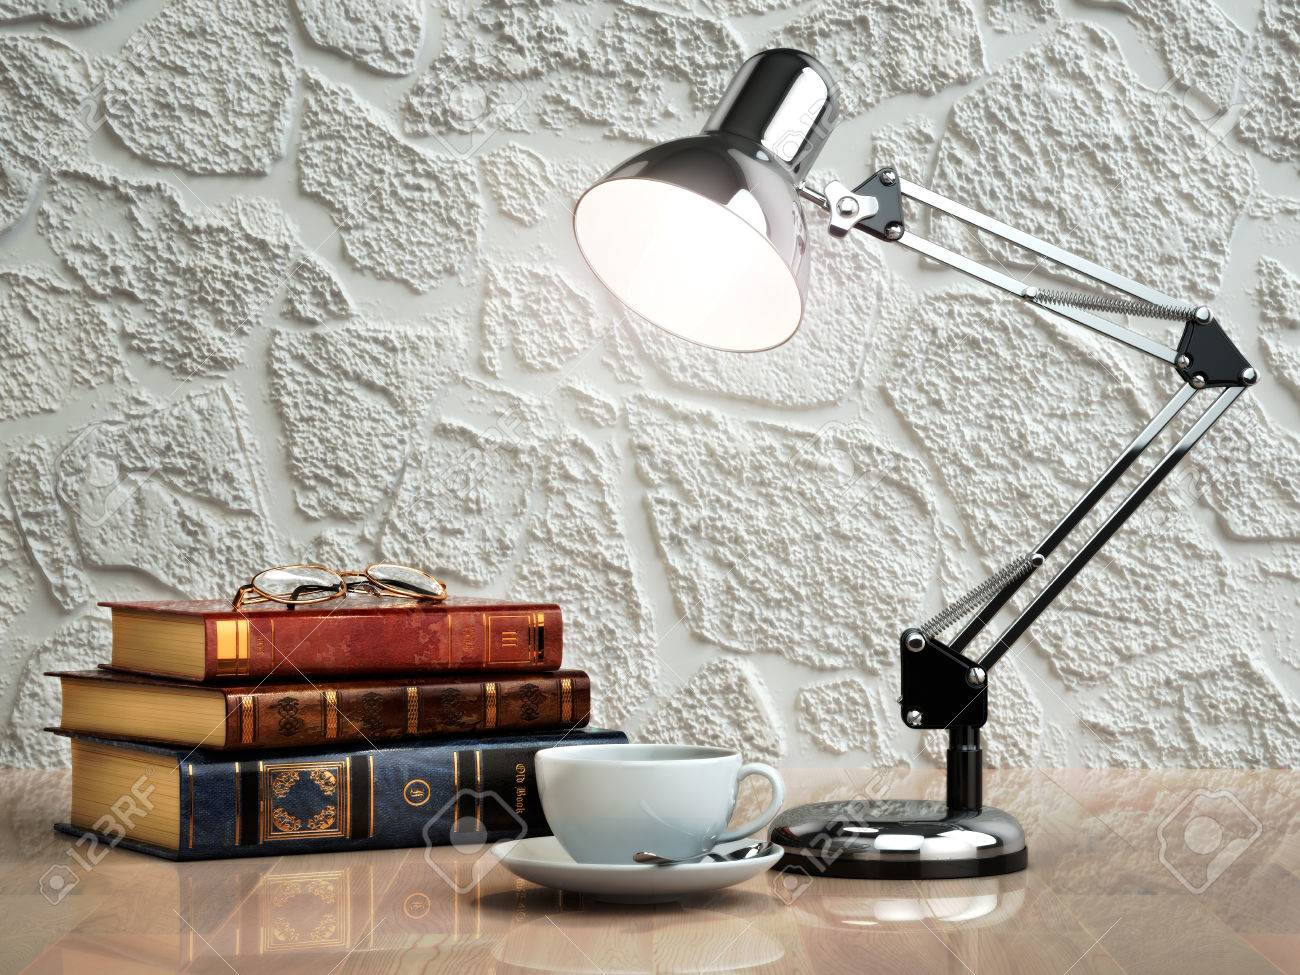 Lampade Da Tavolo Lavoro : Vintage libri tazza di caffè e lampada da tavolo sul tavolo posto